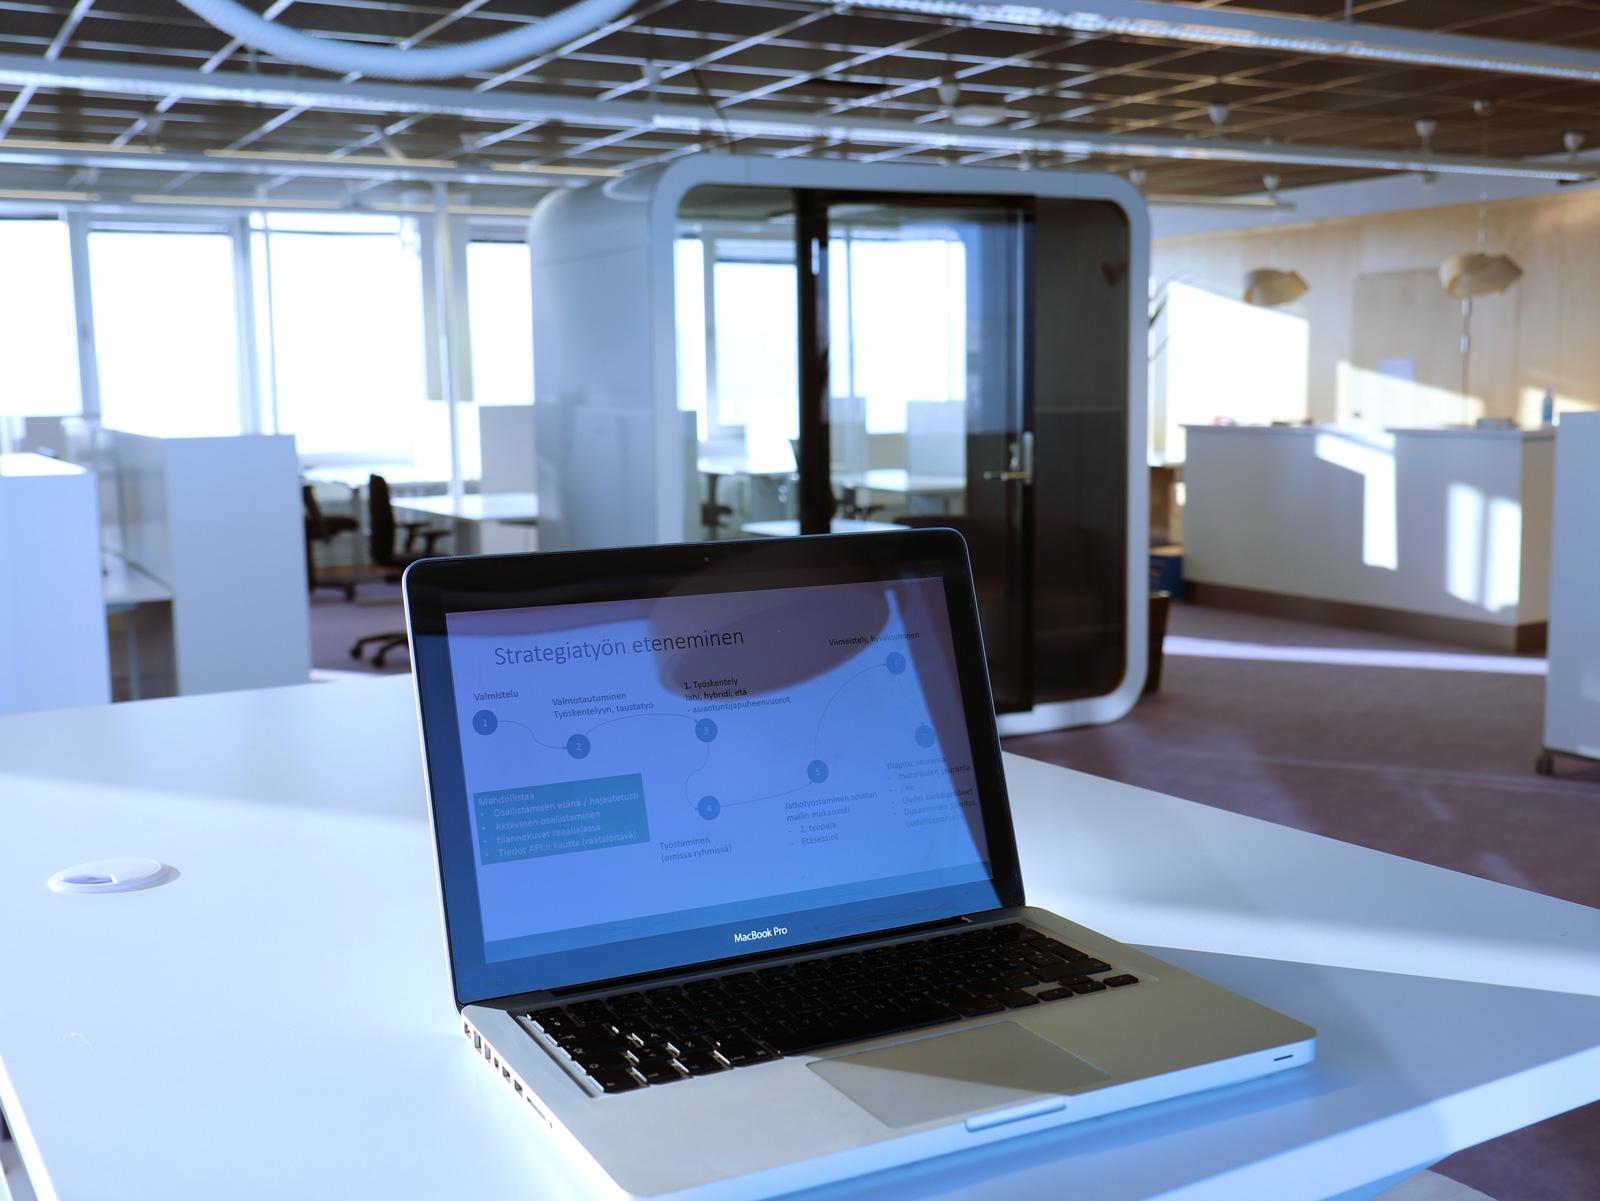 Asuntamo kannettava toimistossa pöydällä